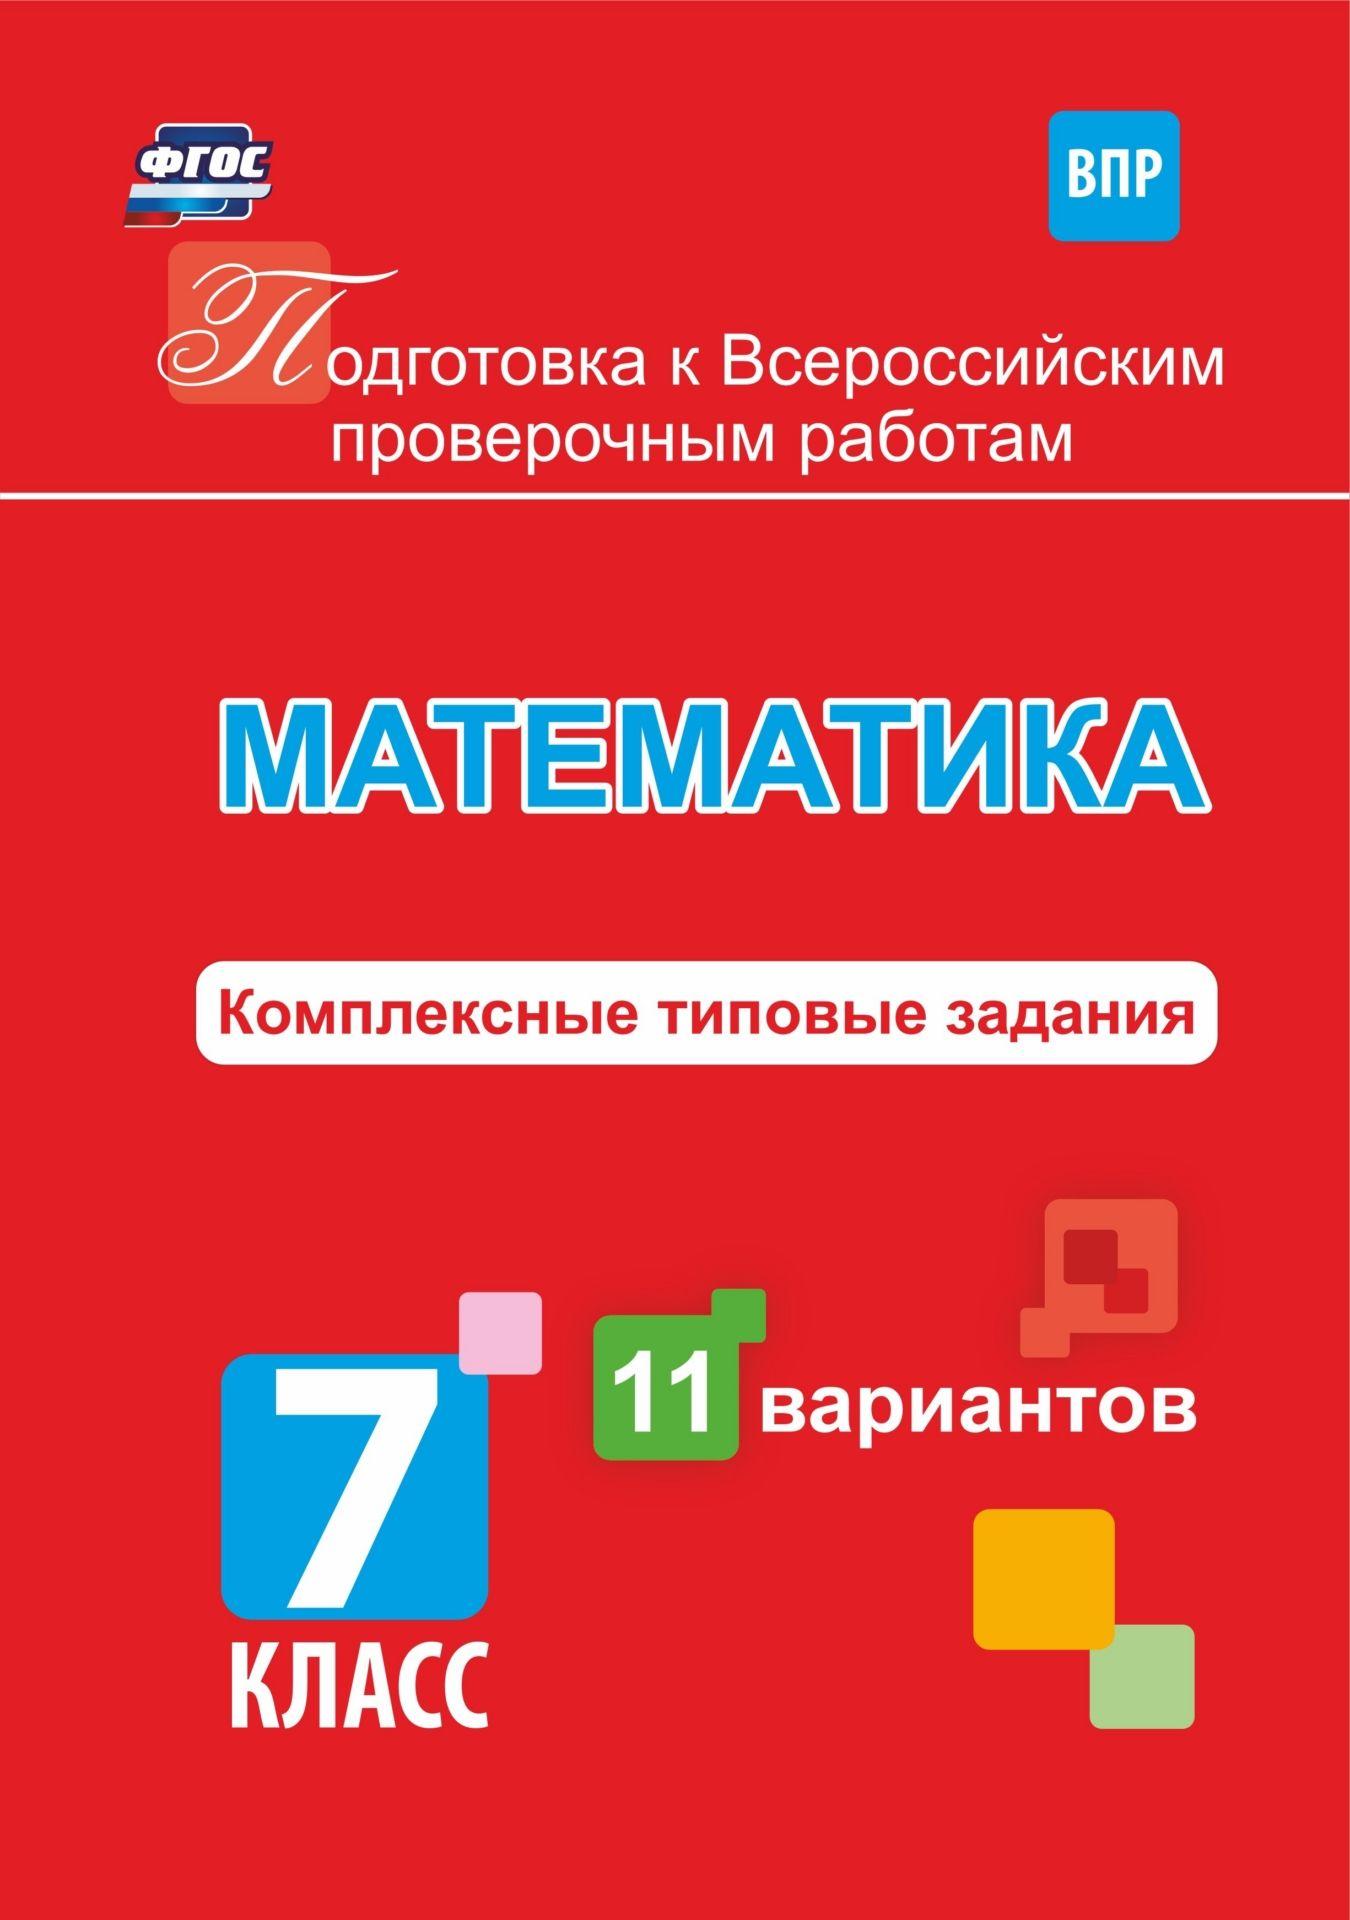 Купить со скидкой Подготовка к Всероссийским проверочным работам. Математика. 7 класс: комплексные типовые задания. 11